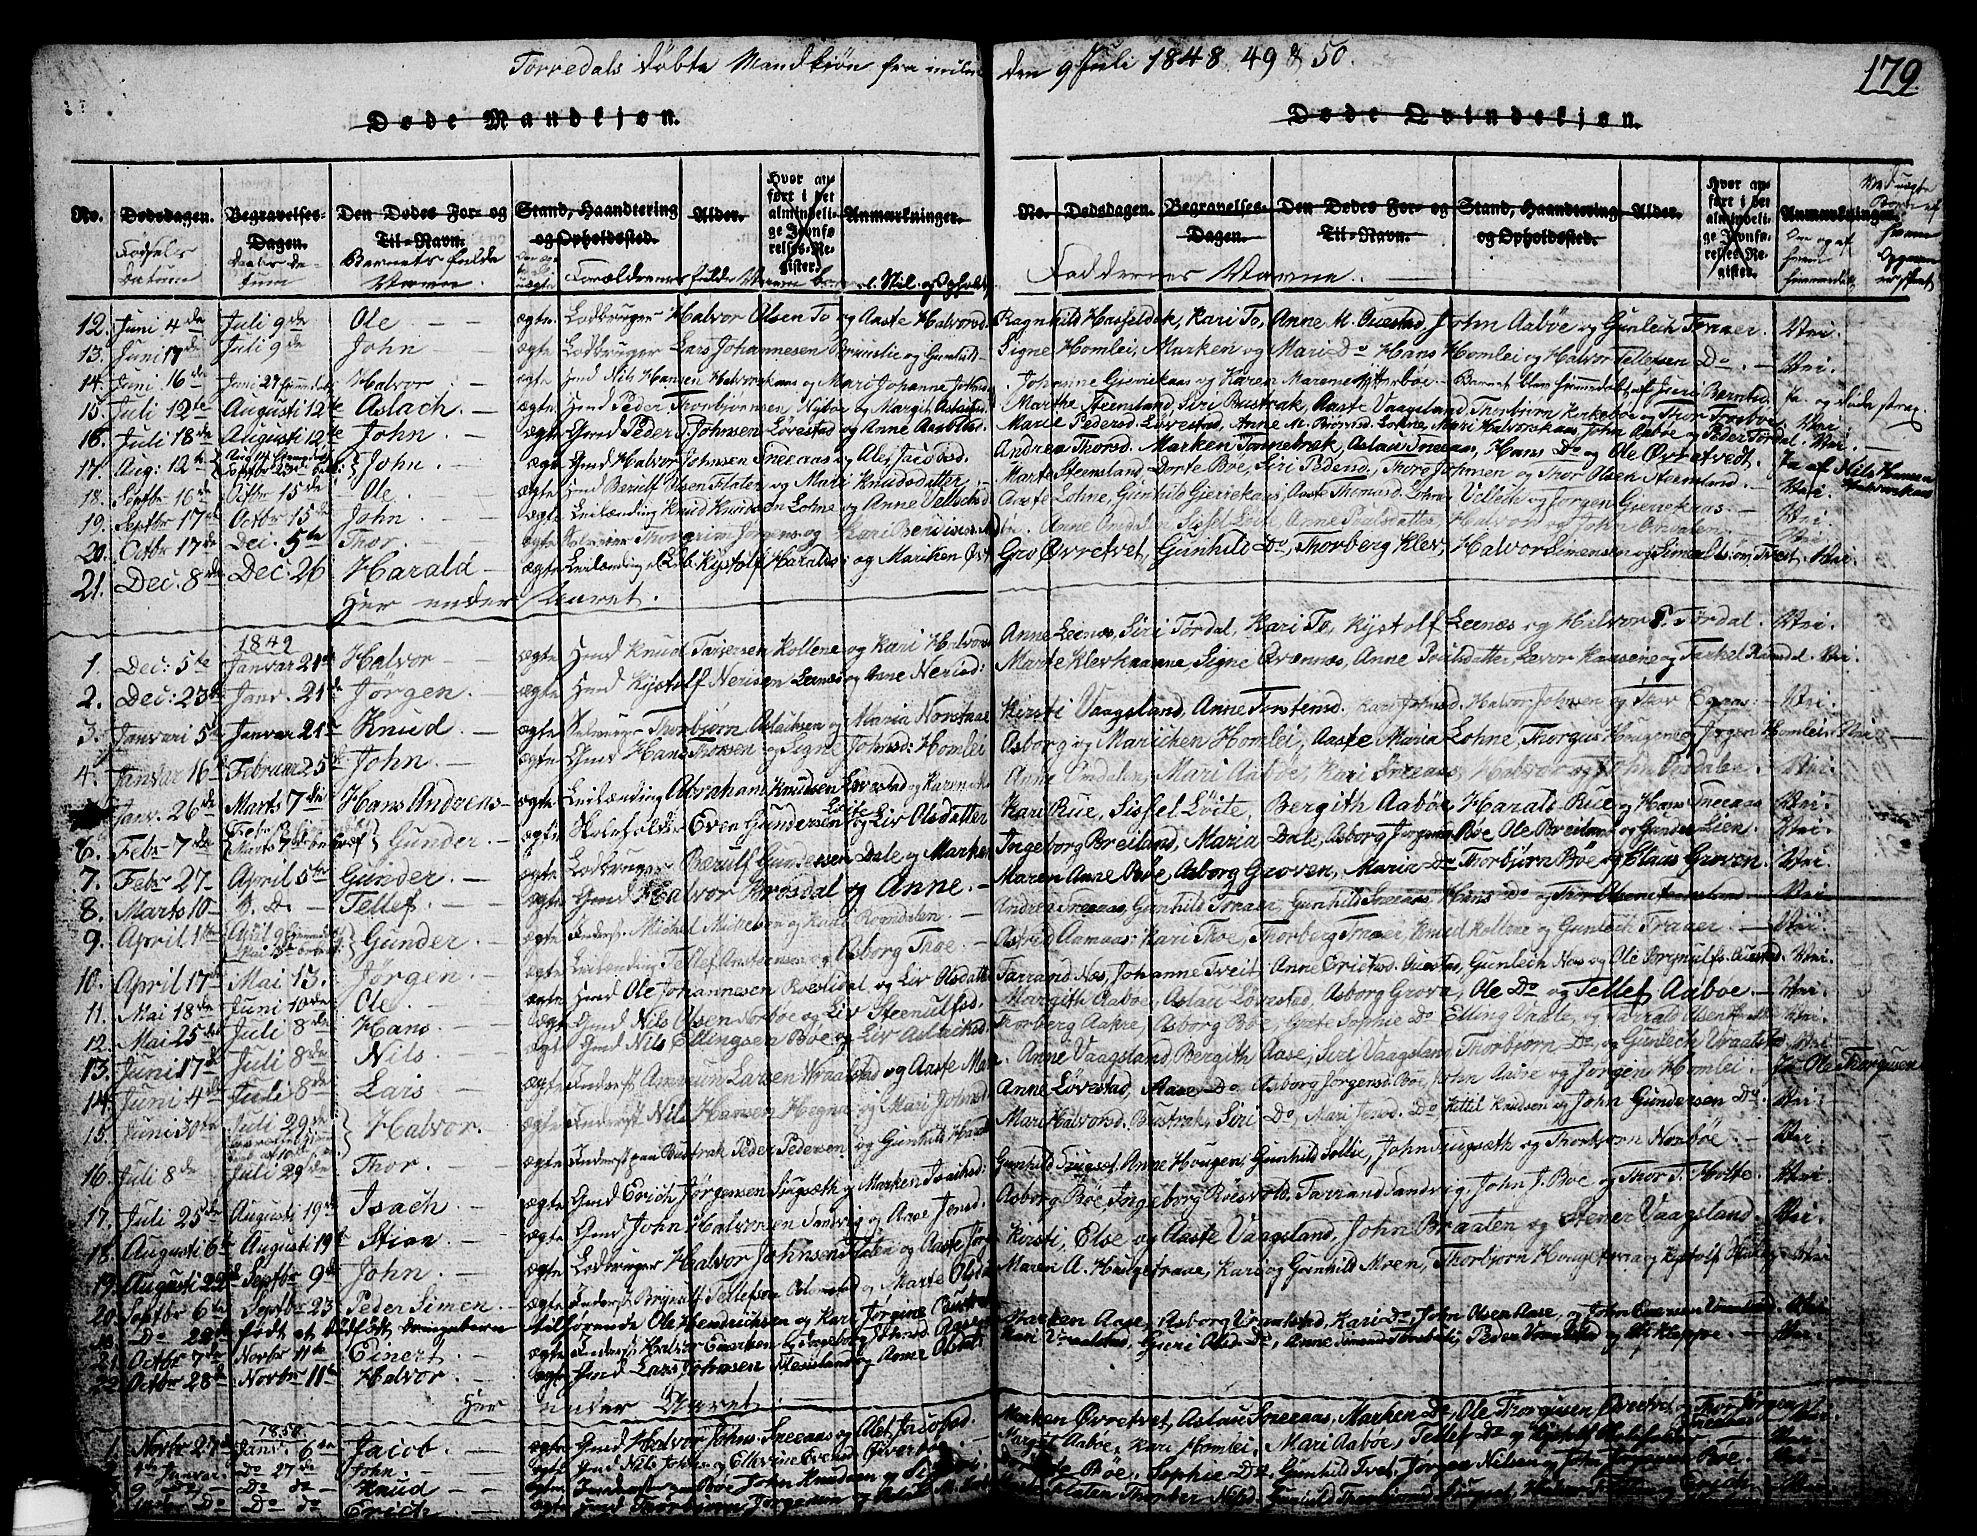 SAKO, Drangedal kirkebøker, G/Ga/L0001: Klokkerbok nr. I 1 /2, 1814-1856, s. 179